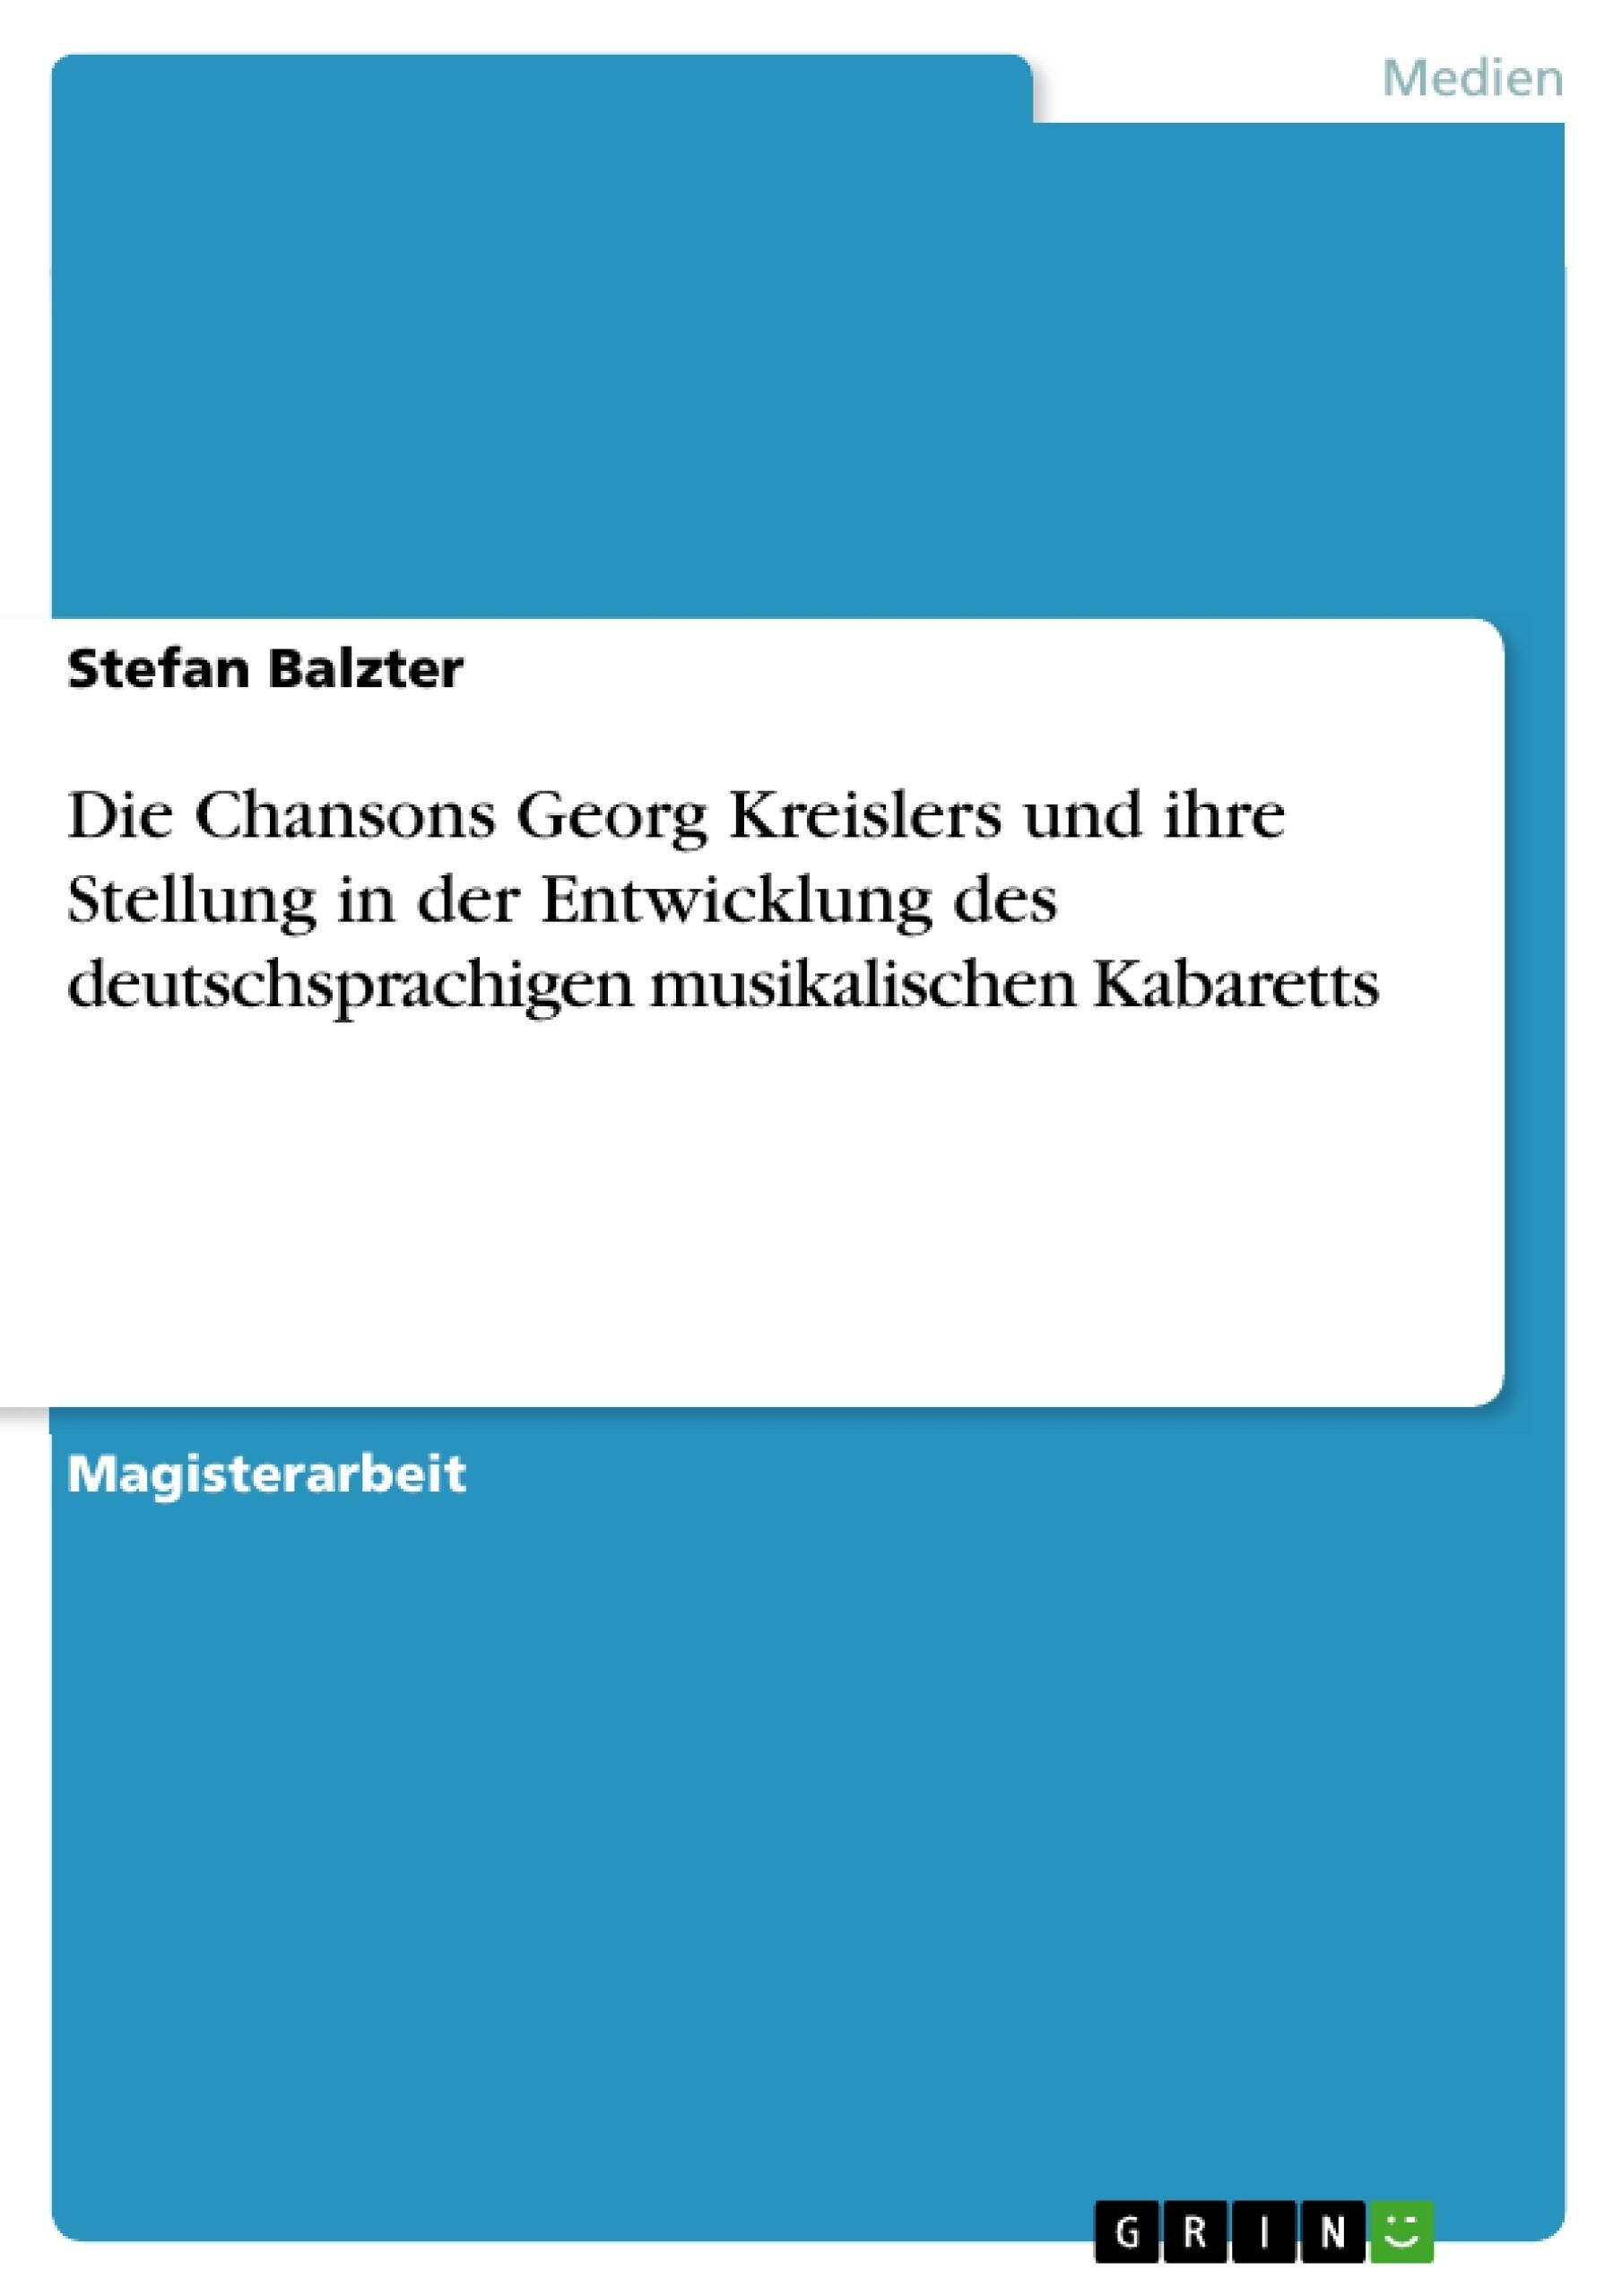 Die Chansons Georg Kreislers und ihre Stellung in der Entwicklung ...